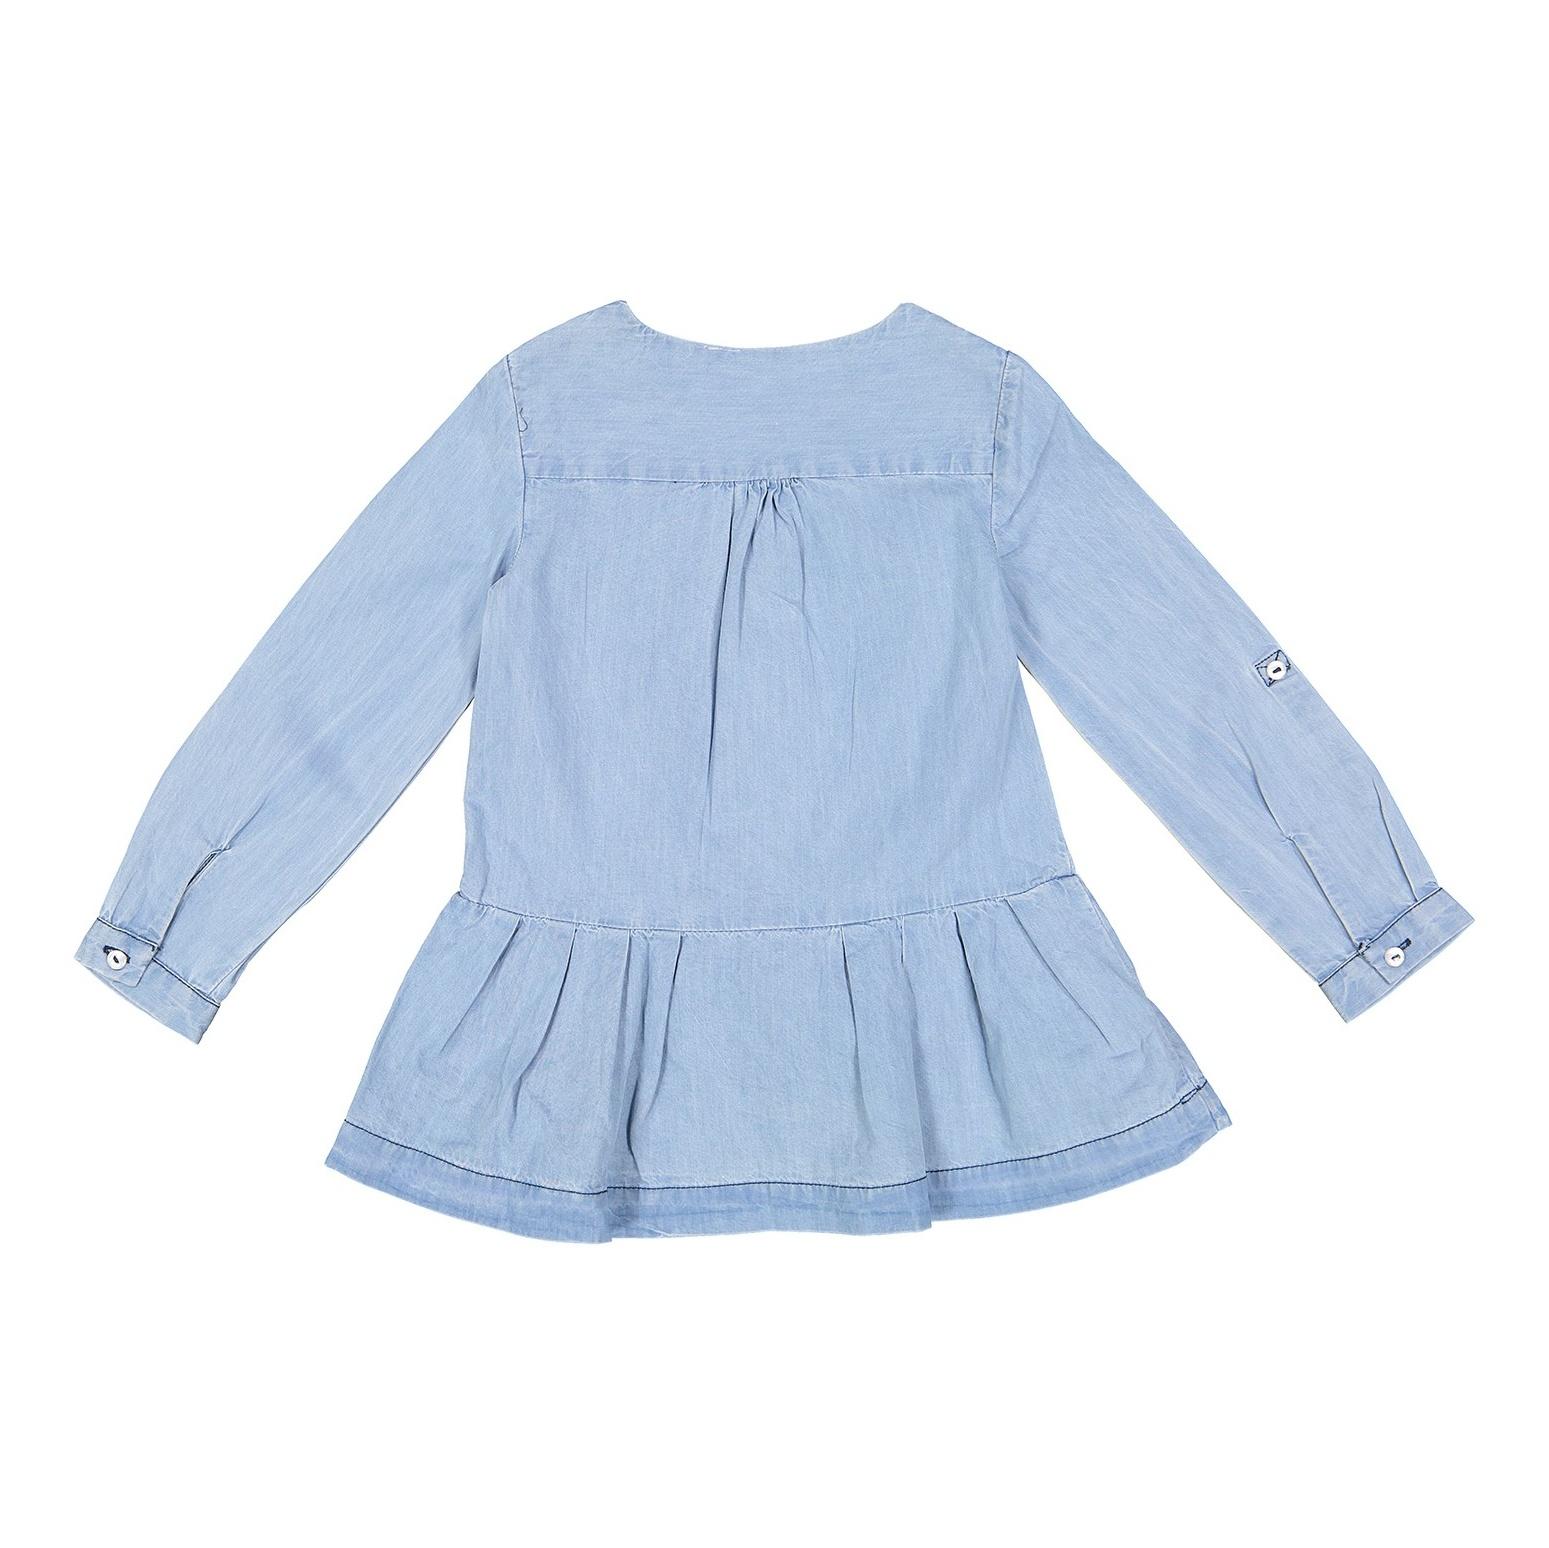 پیراهن نخی روزمره دخترانه - بلوکیدز - آبي روشن - 2